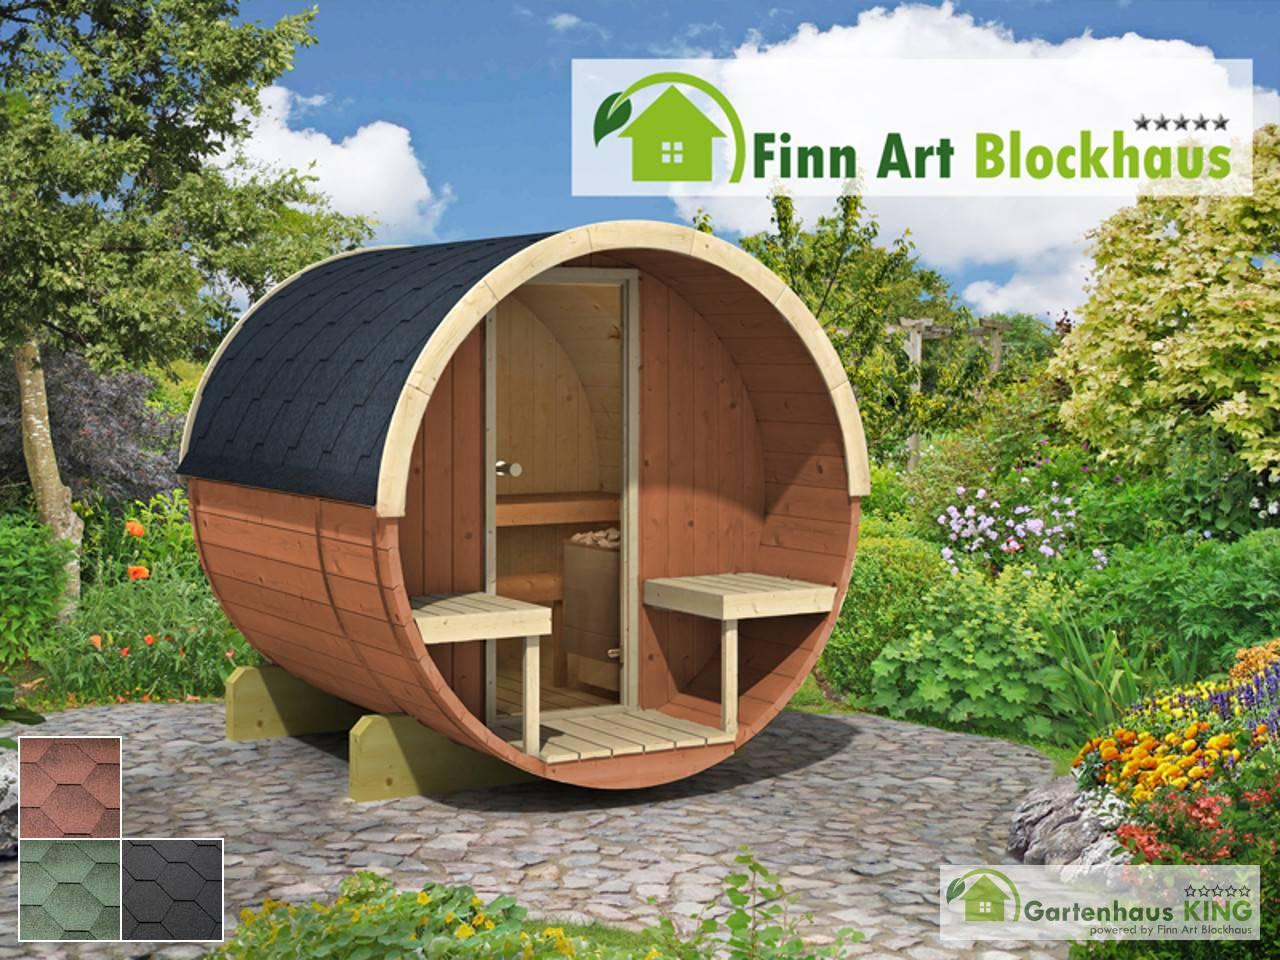 Finn Art Fass Sauna Alvi 5 Thermoholz   Gartenhaus King.de